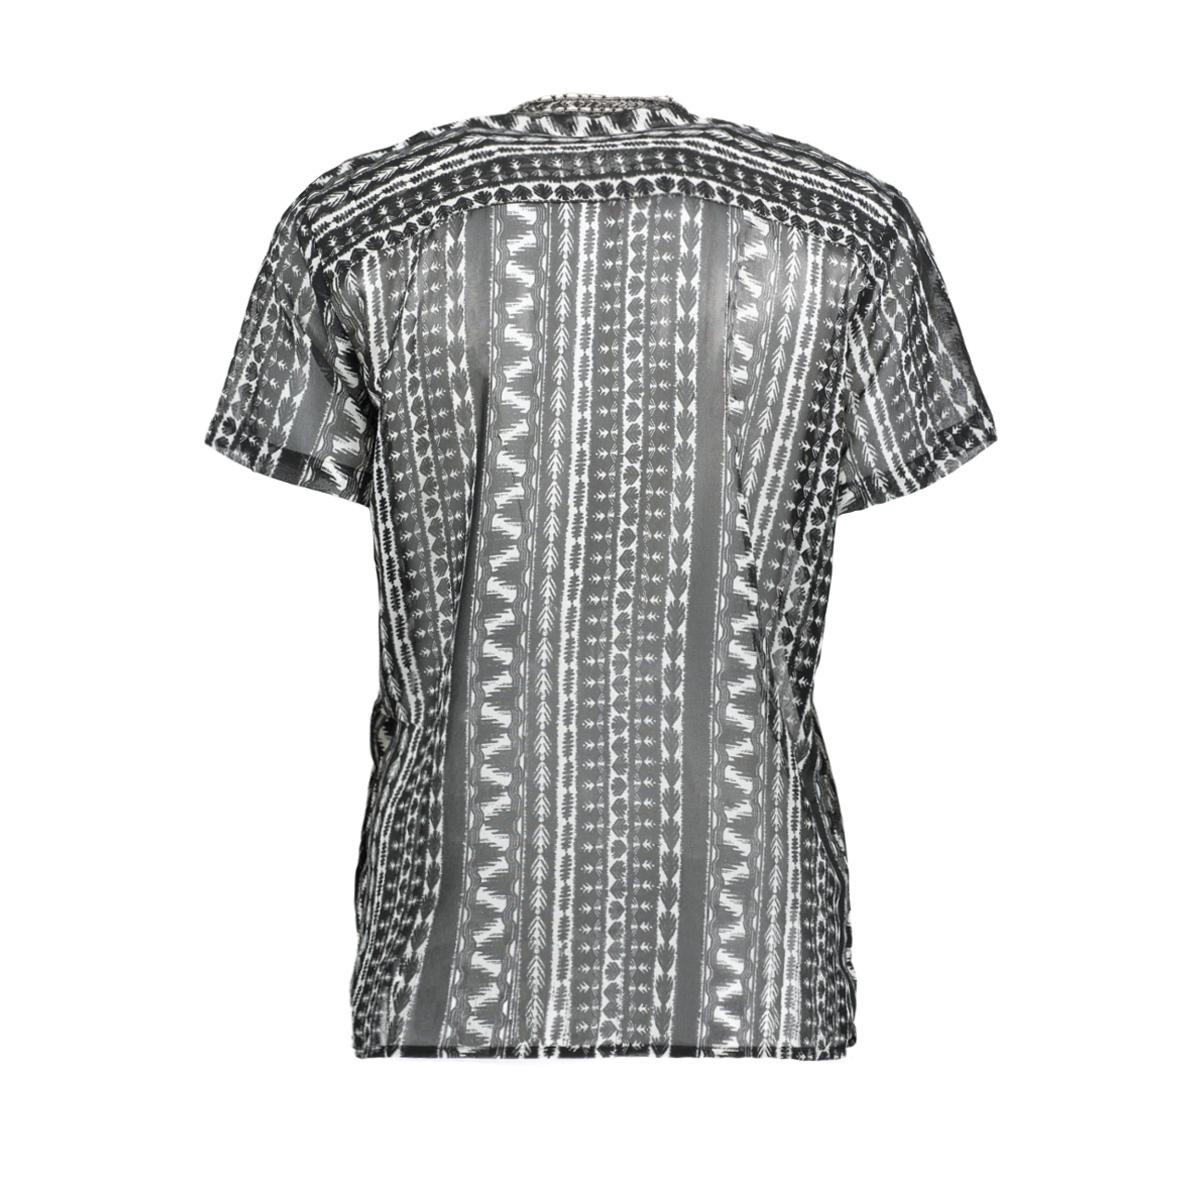 blouse met kralen en tribal print 22001522 sandwich blouse 80041